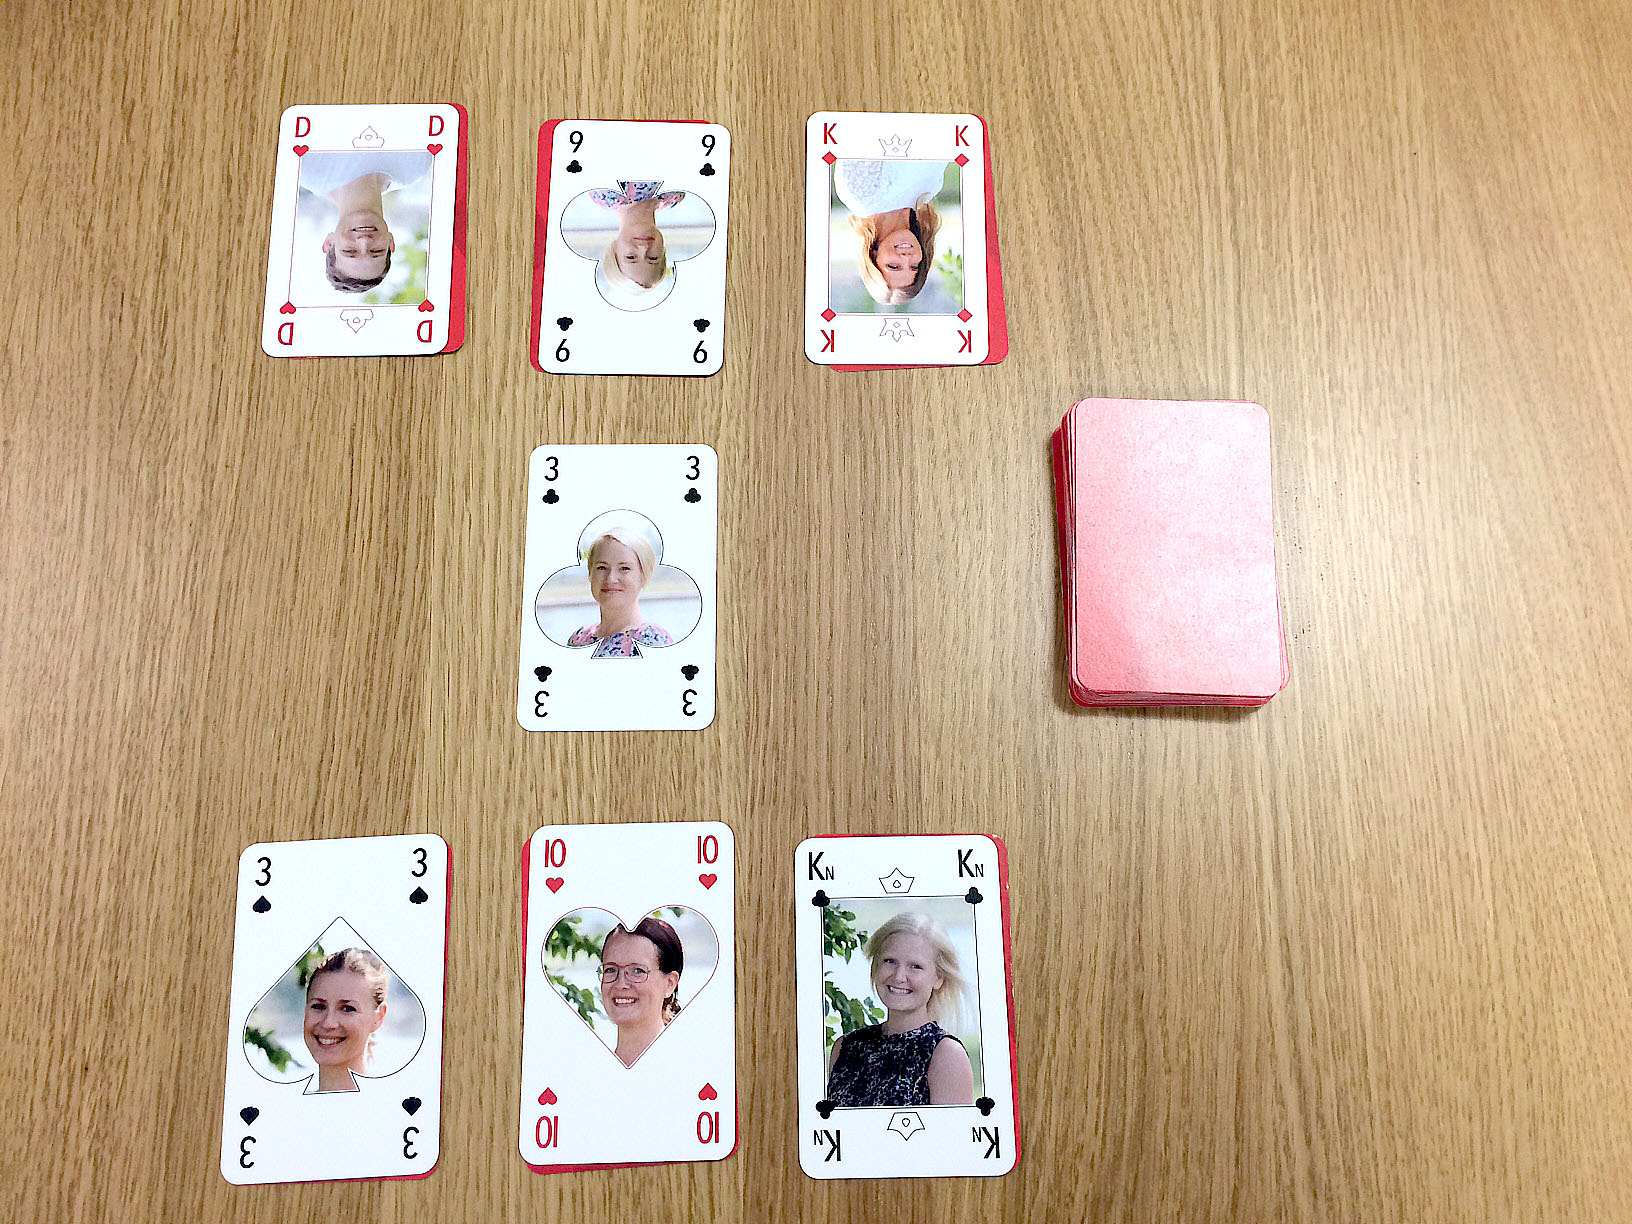 Kortspel slå på - 26039